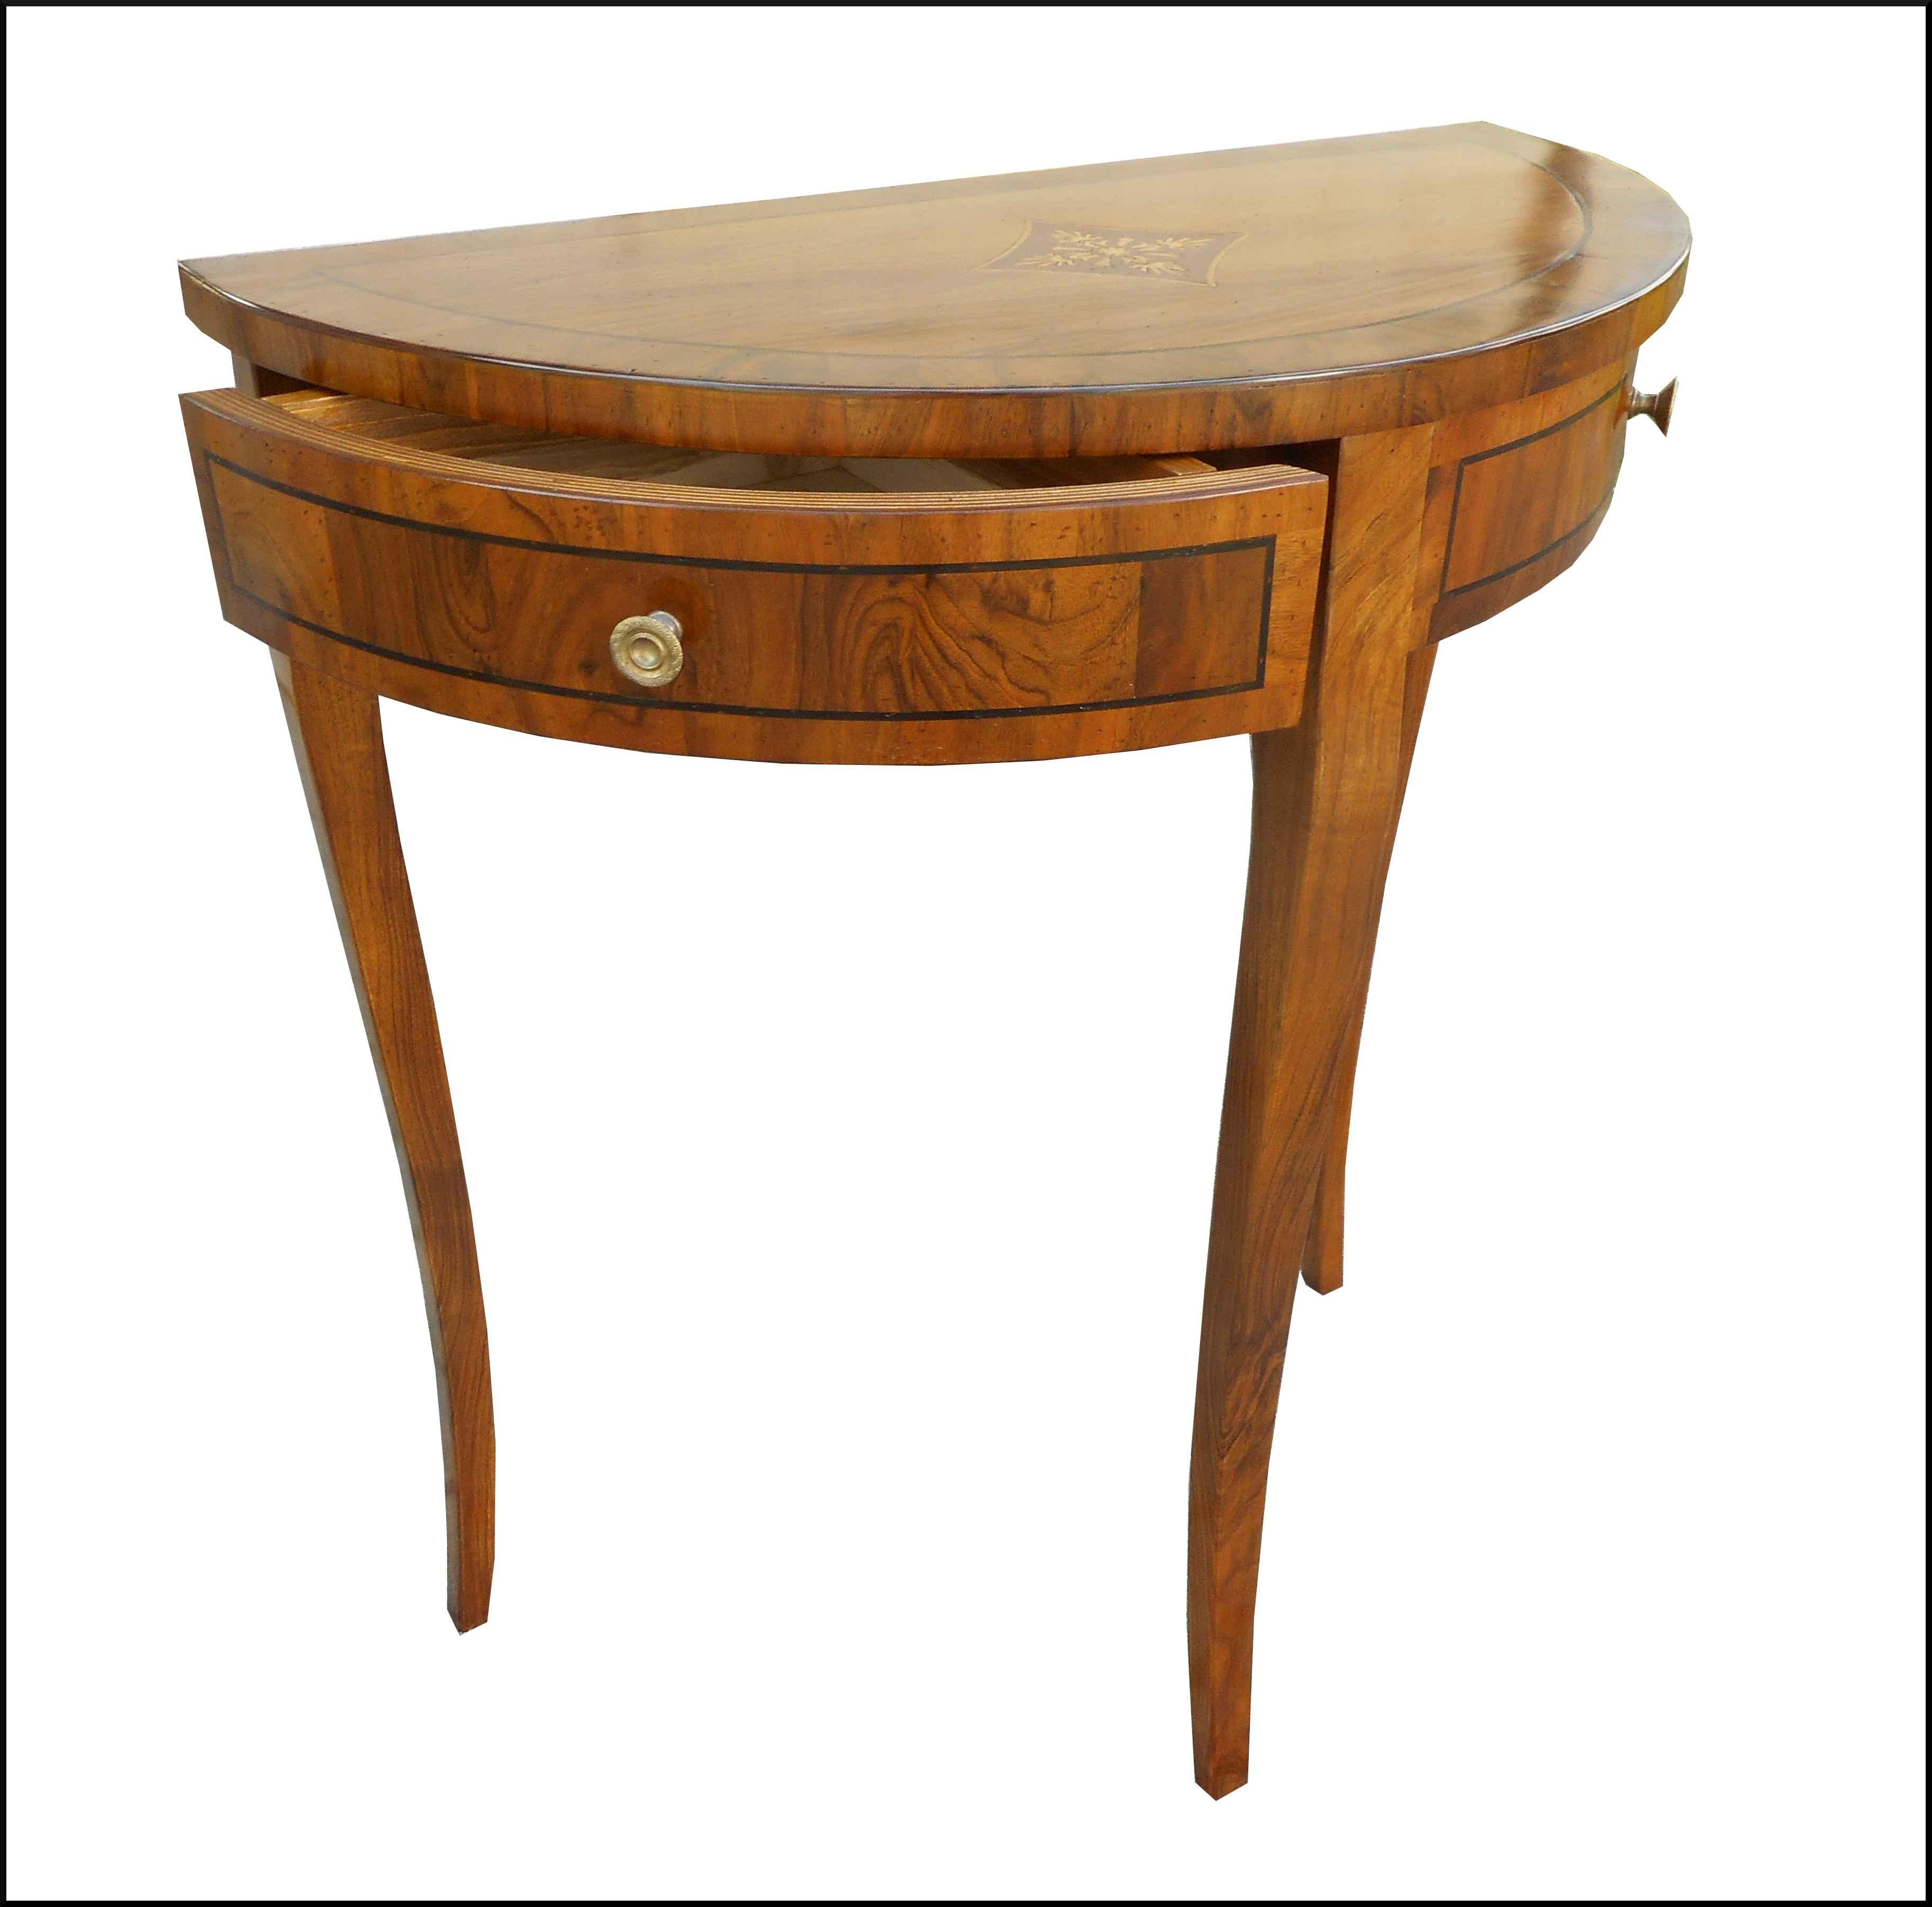 Tavolino consolle in stile antico la commode di davide corno - Mobili stile antico ...